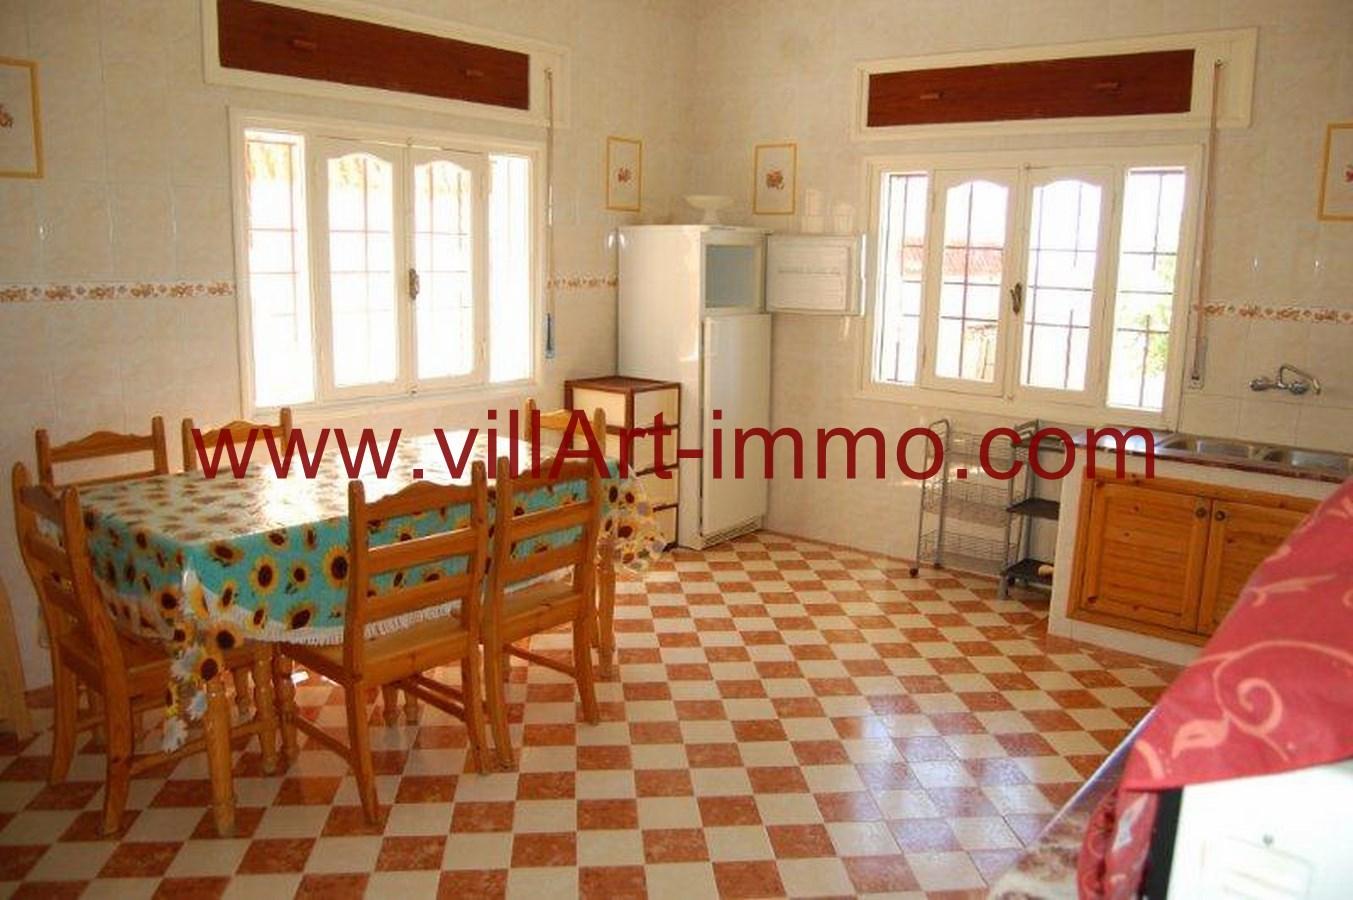 6-Location-Maison-Meublé-Tanger-Kser-Sghir-Coin-à-Manger-LV245-Villart-immo